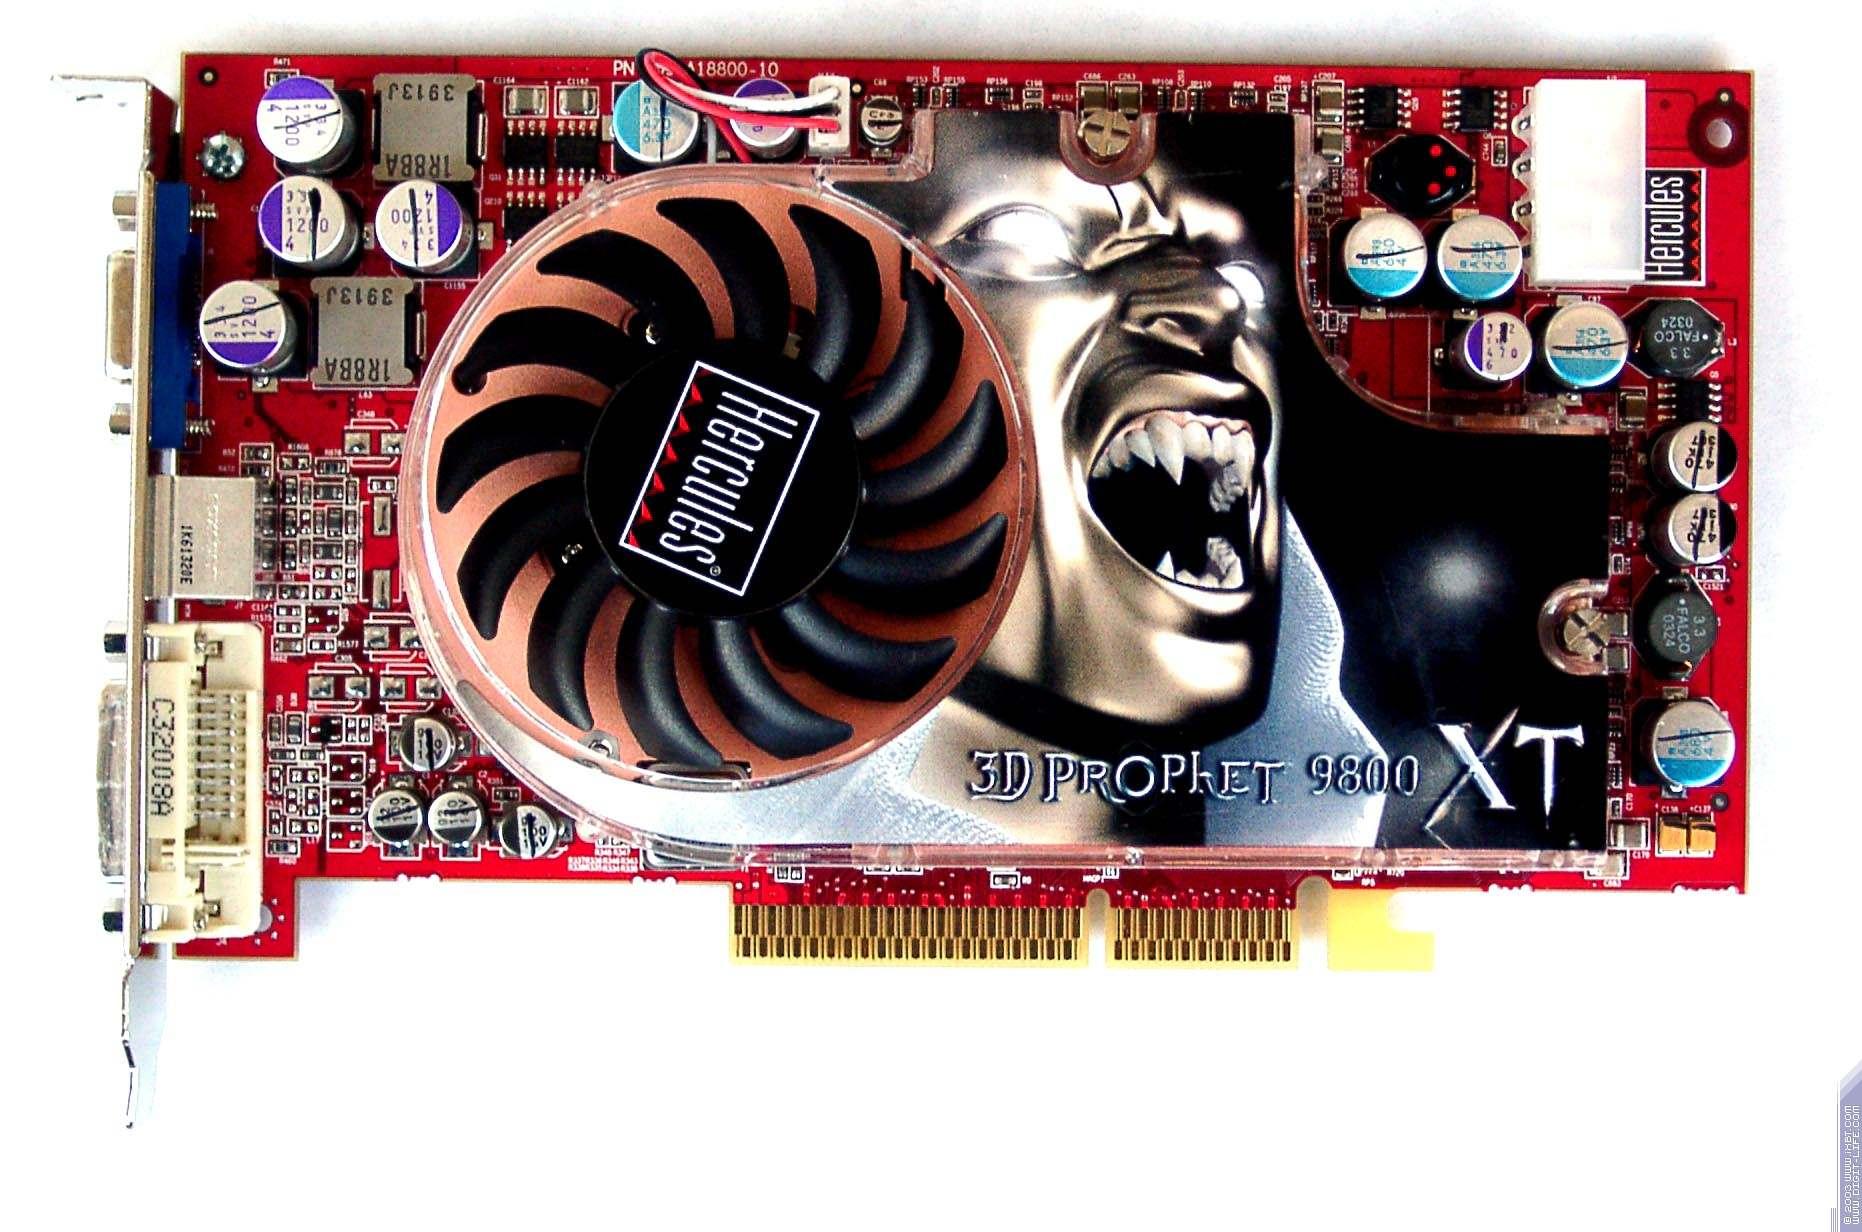 Hercules 3D Prophet 9800 XT 256MB